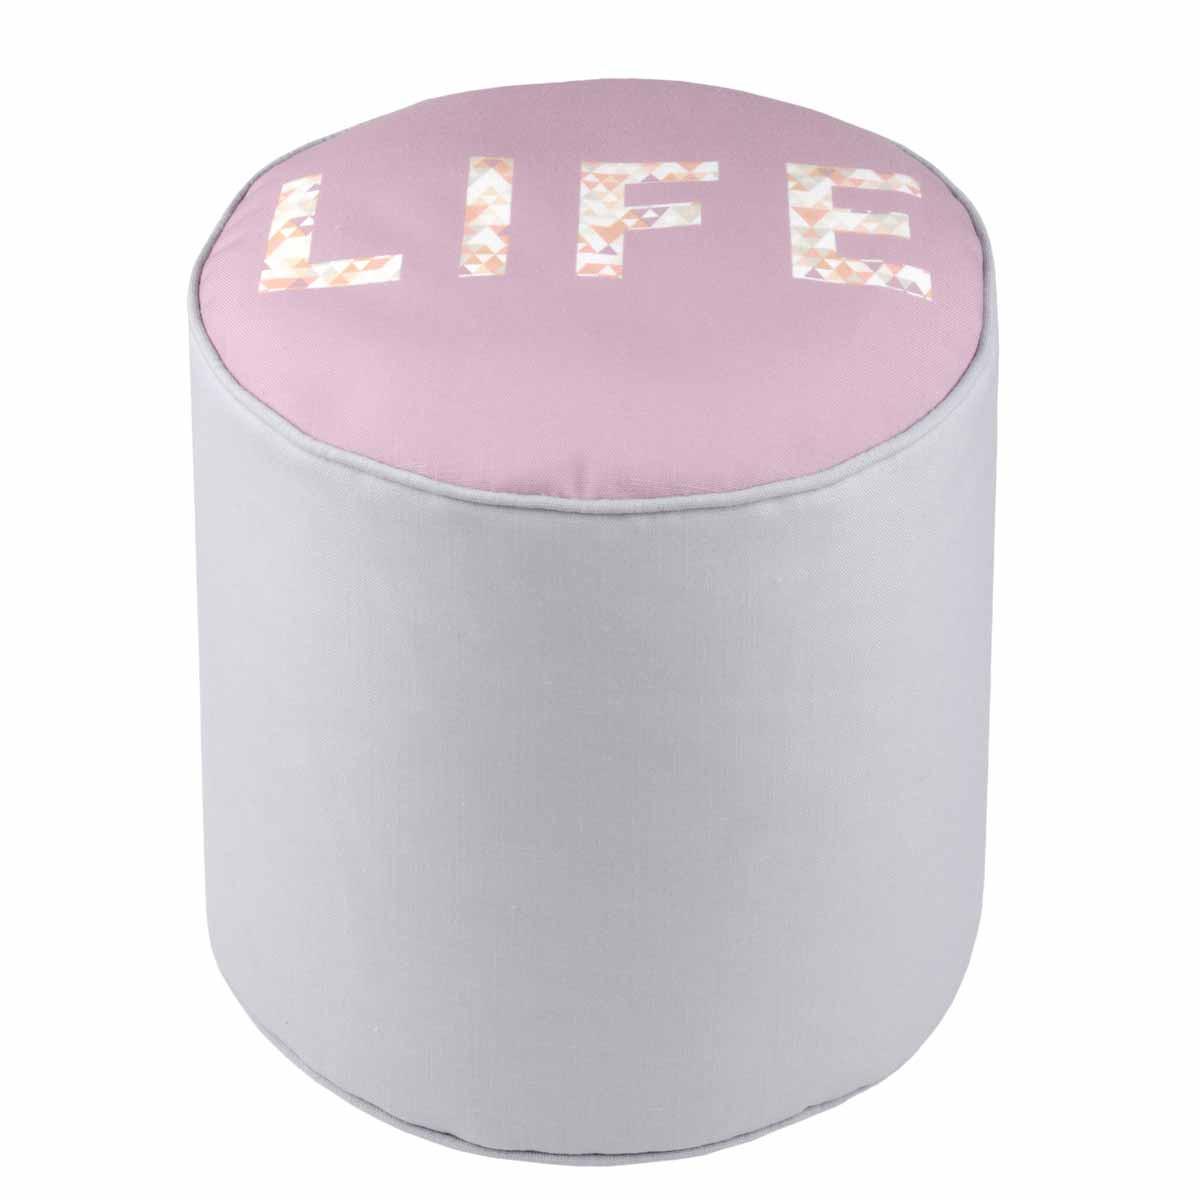 Πουφ Triane Life C80025001 home   σαλόνι   μαξιλάρες δαπέδου   πουφ